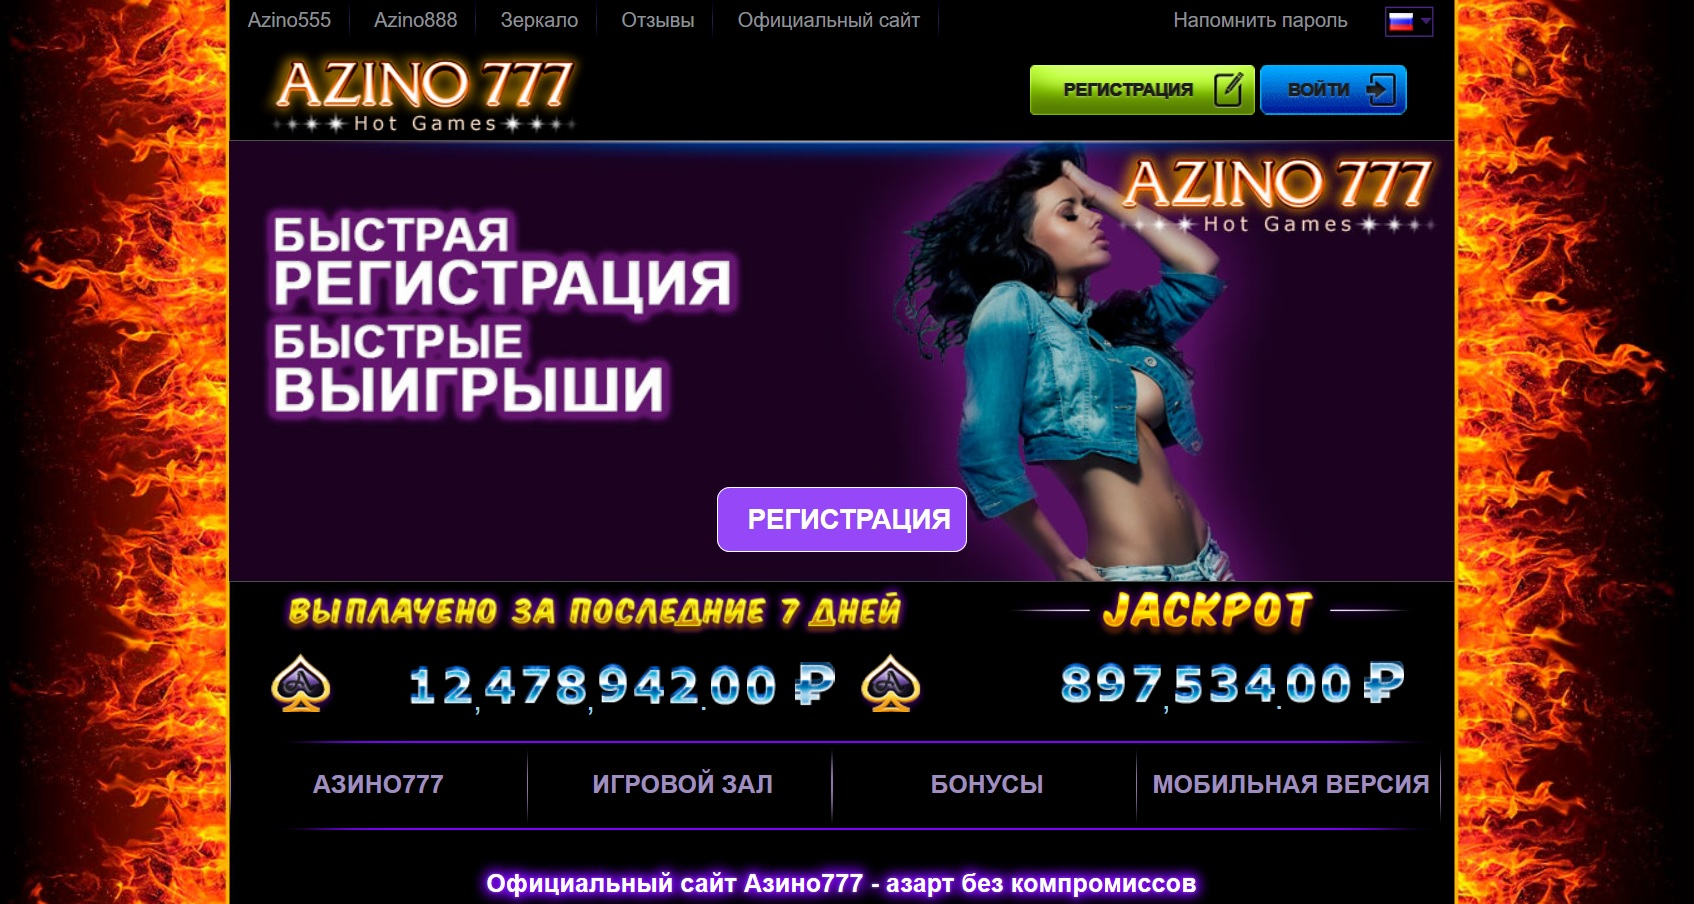 азино777 зеркало в контакте